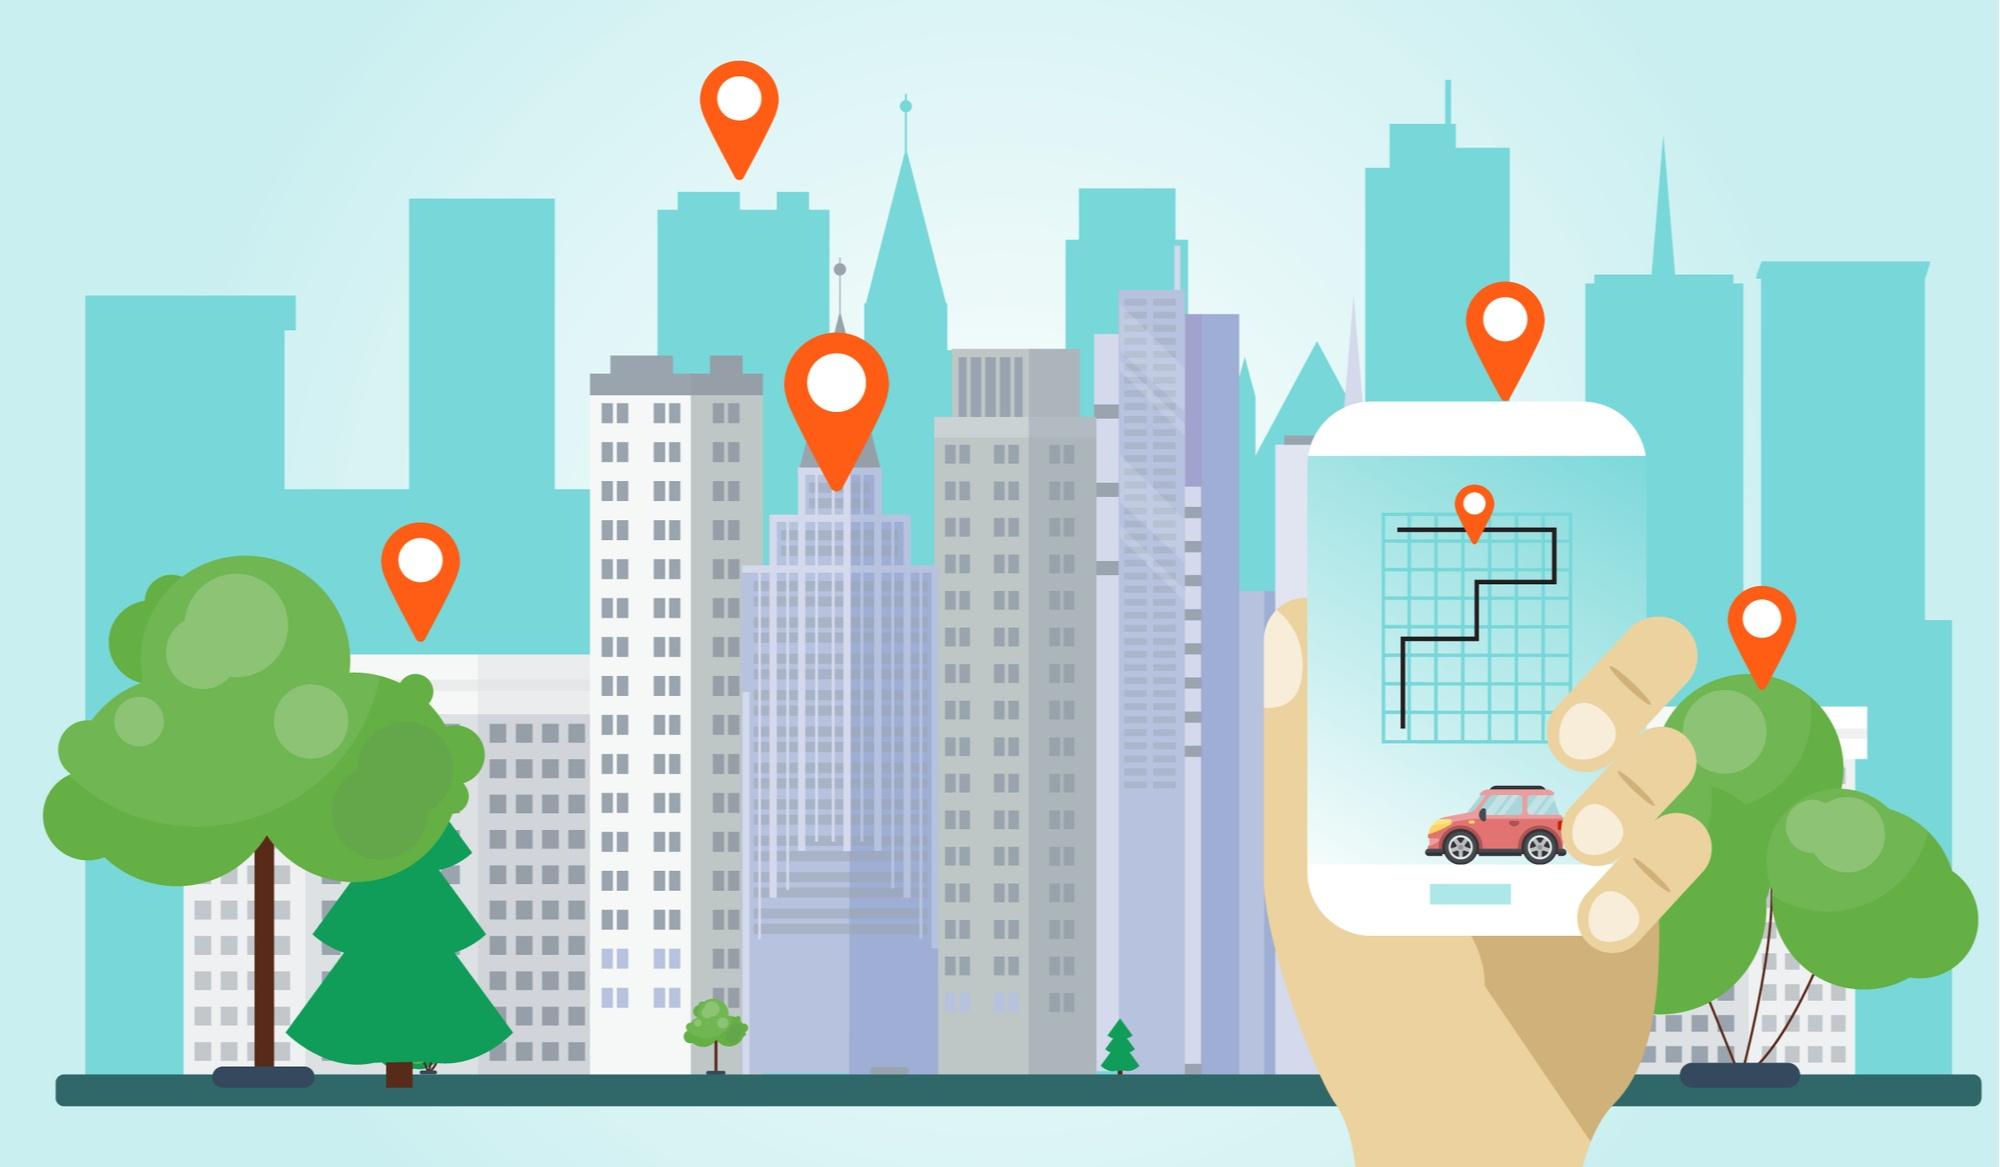 5 façons d'accroître votre productivité grâce à la géolocalisation de vos véhicules d'entreprise